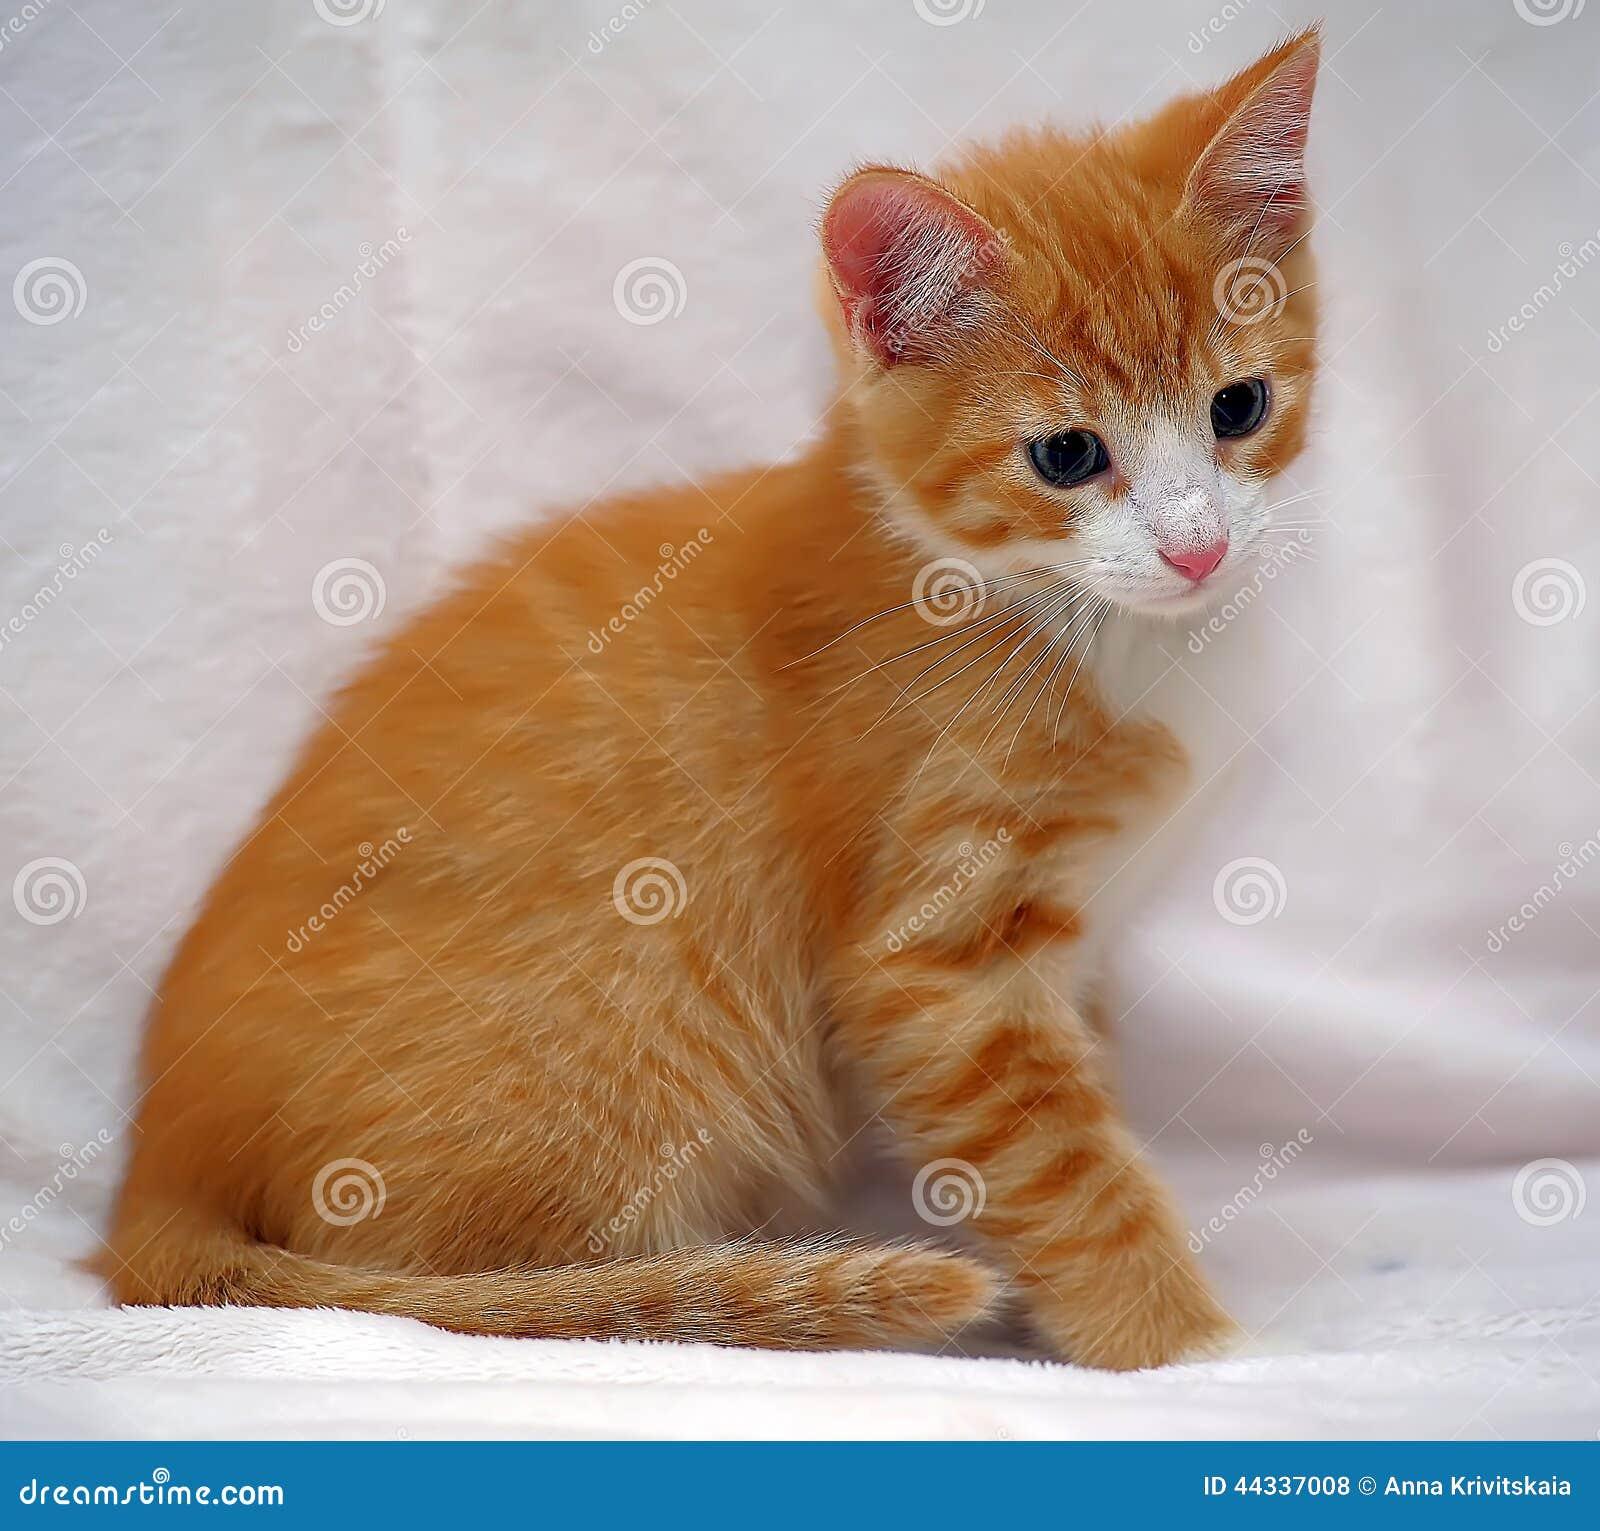 Cute Orange Kitten Blue Eyes Stock 2 259 s